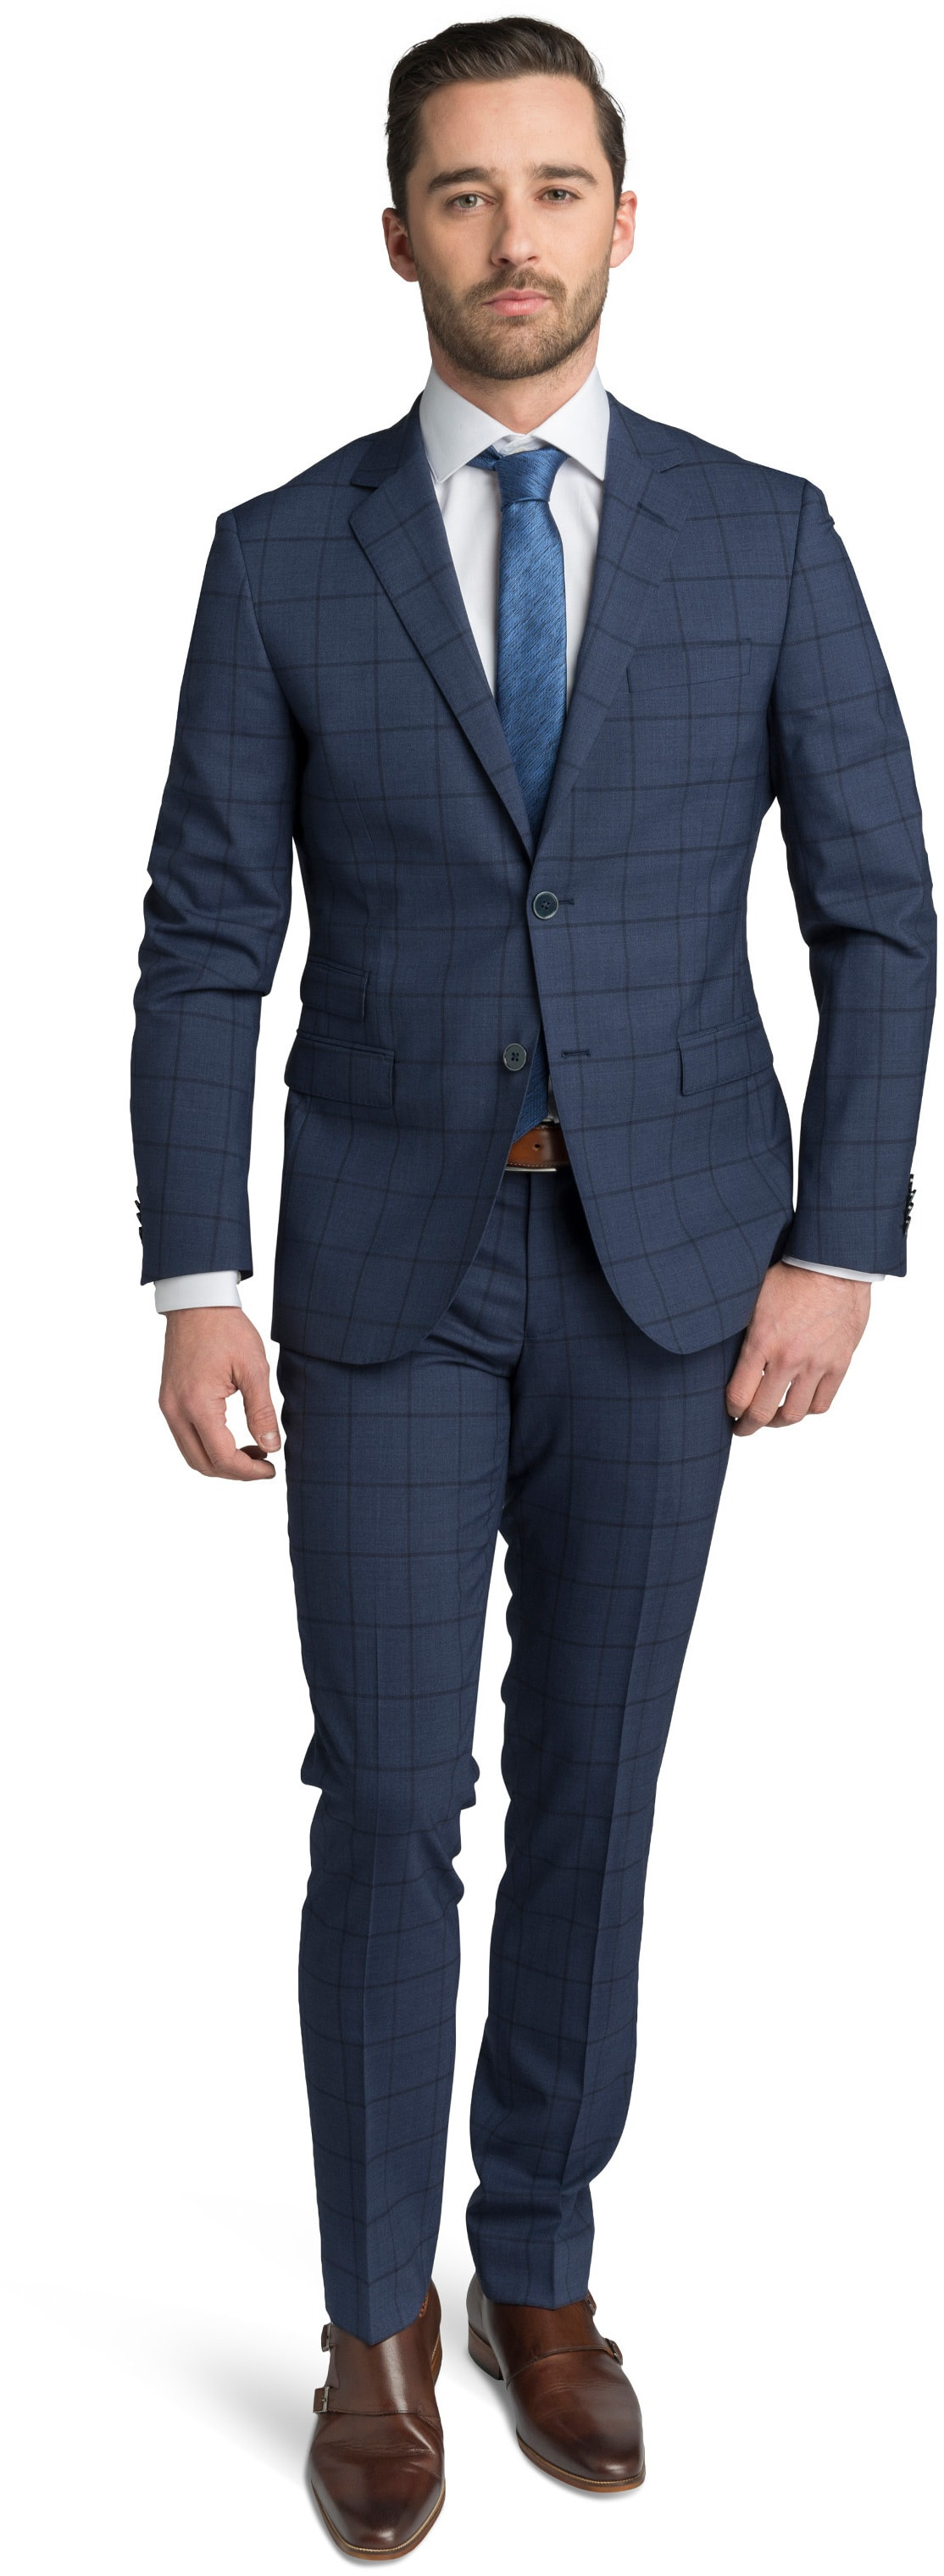 Suitable Suit Lucius Checks foto 0